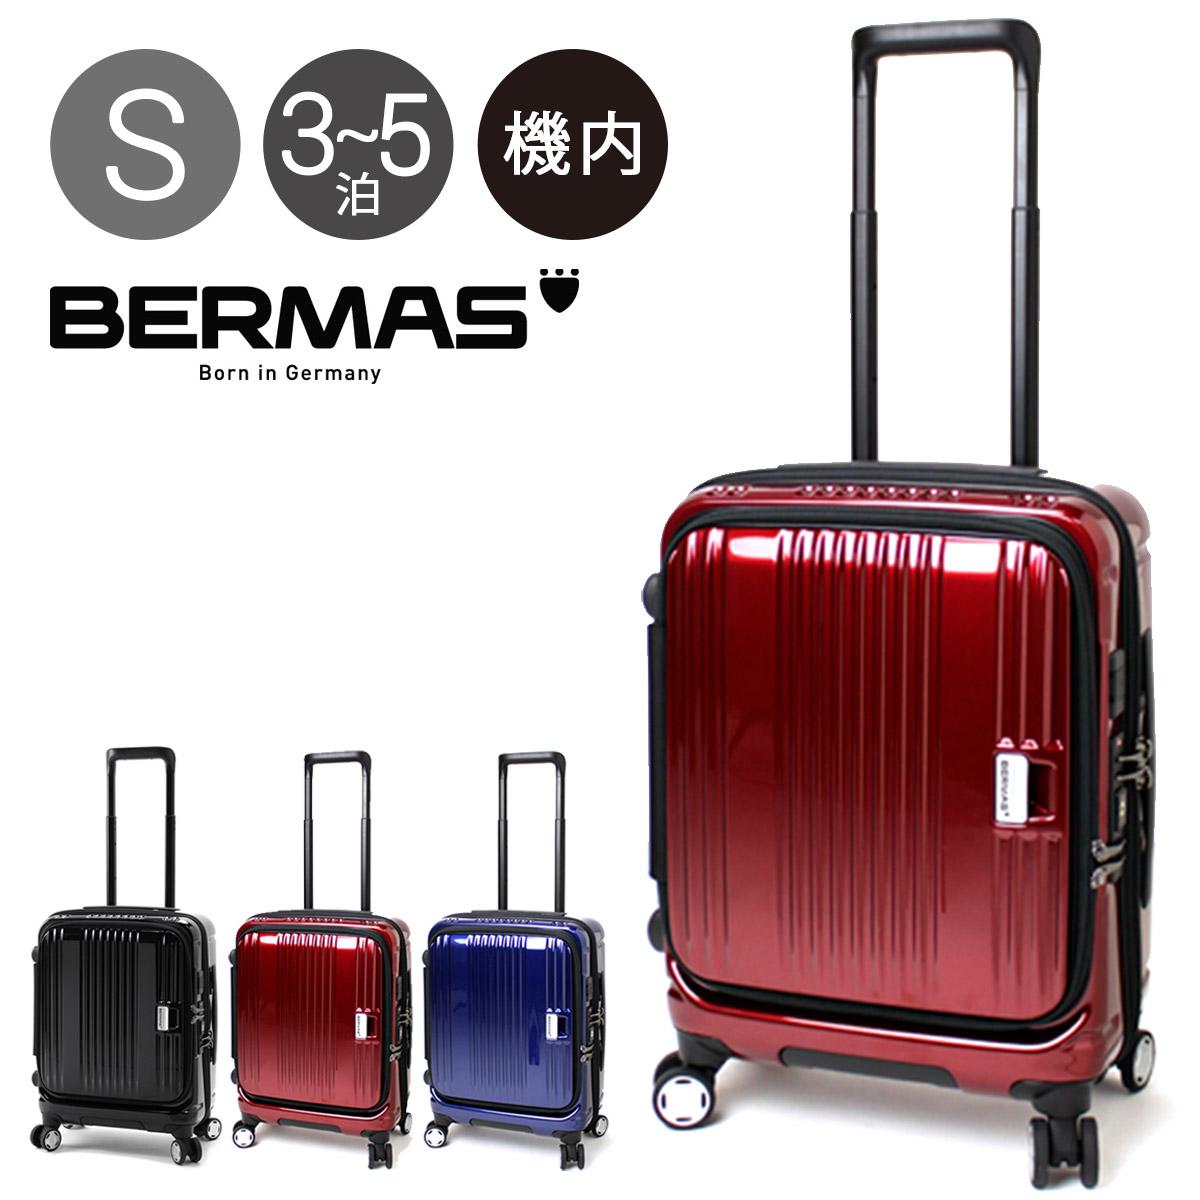 バーマス スーツケース 38L 46cm 2.8kg ハード フレーム 機内持ち込み ユーロシティ メンズ レディース 60290 BERMAS | キャリーケース TSAロック搭載 フロントオープン HINOMOTO【PO10】